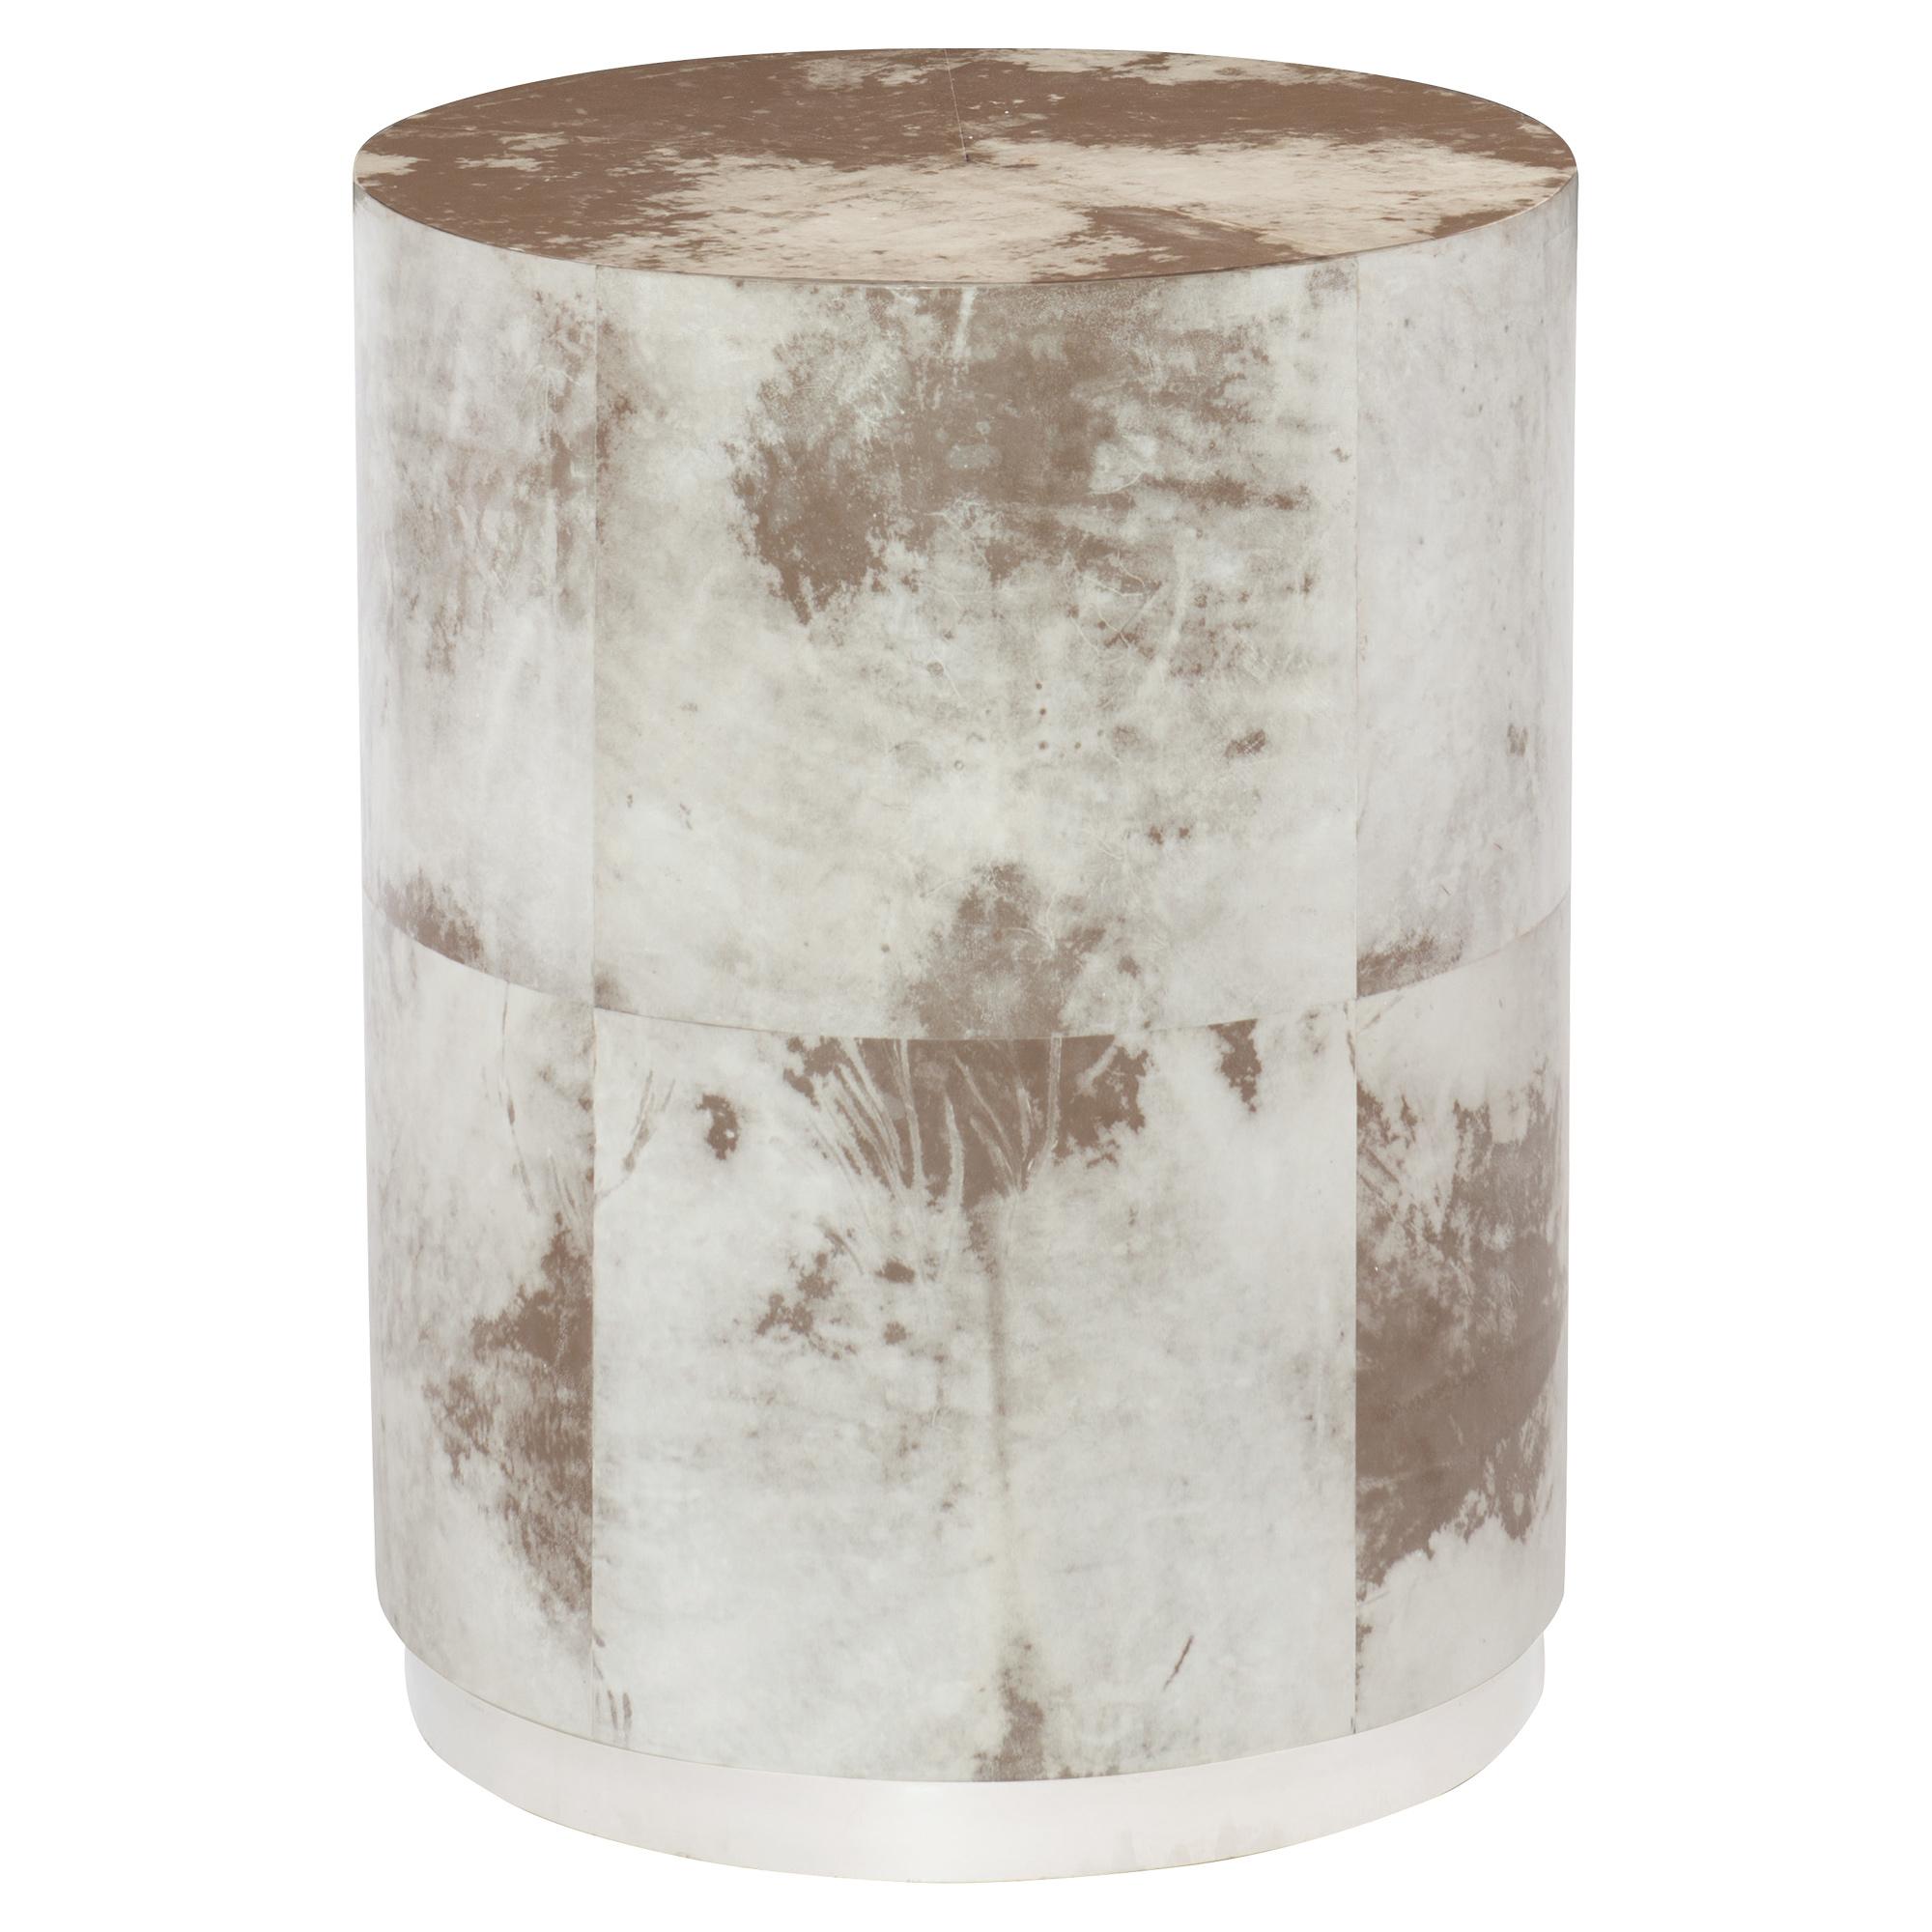 Karri Regency White Vellum Wrapped Brown Side Table